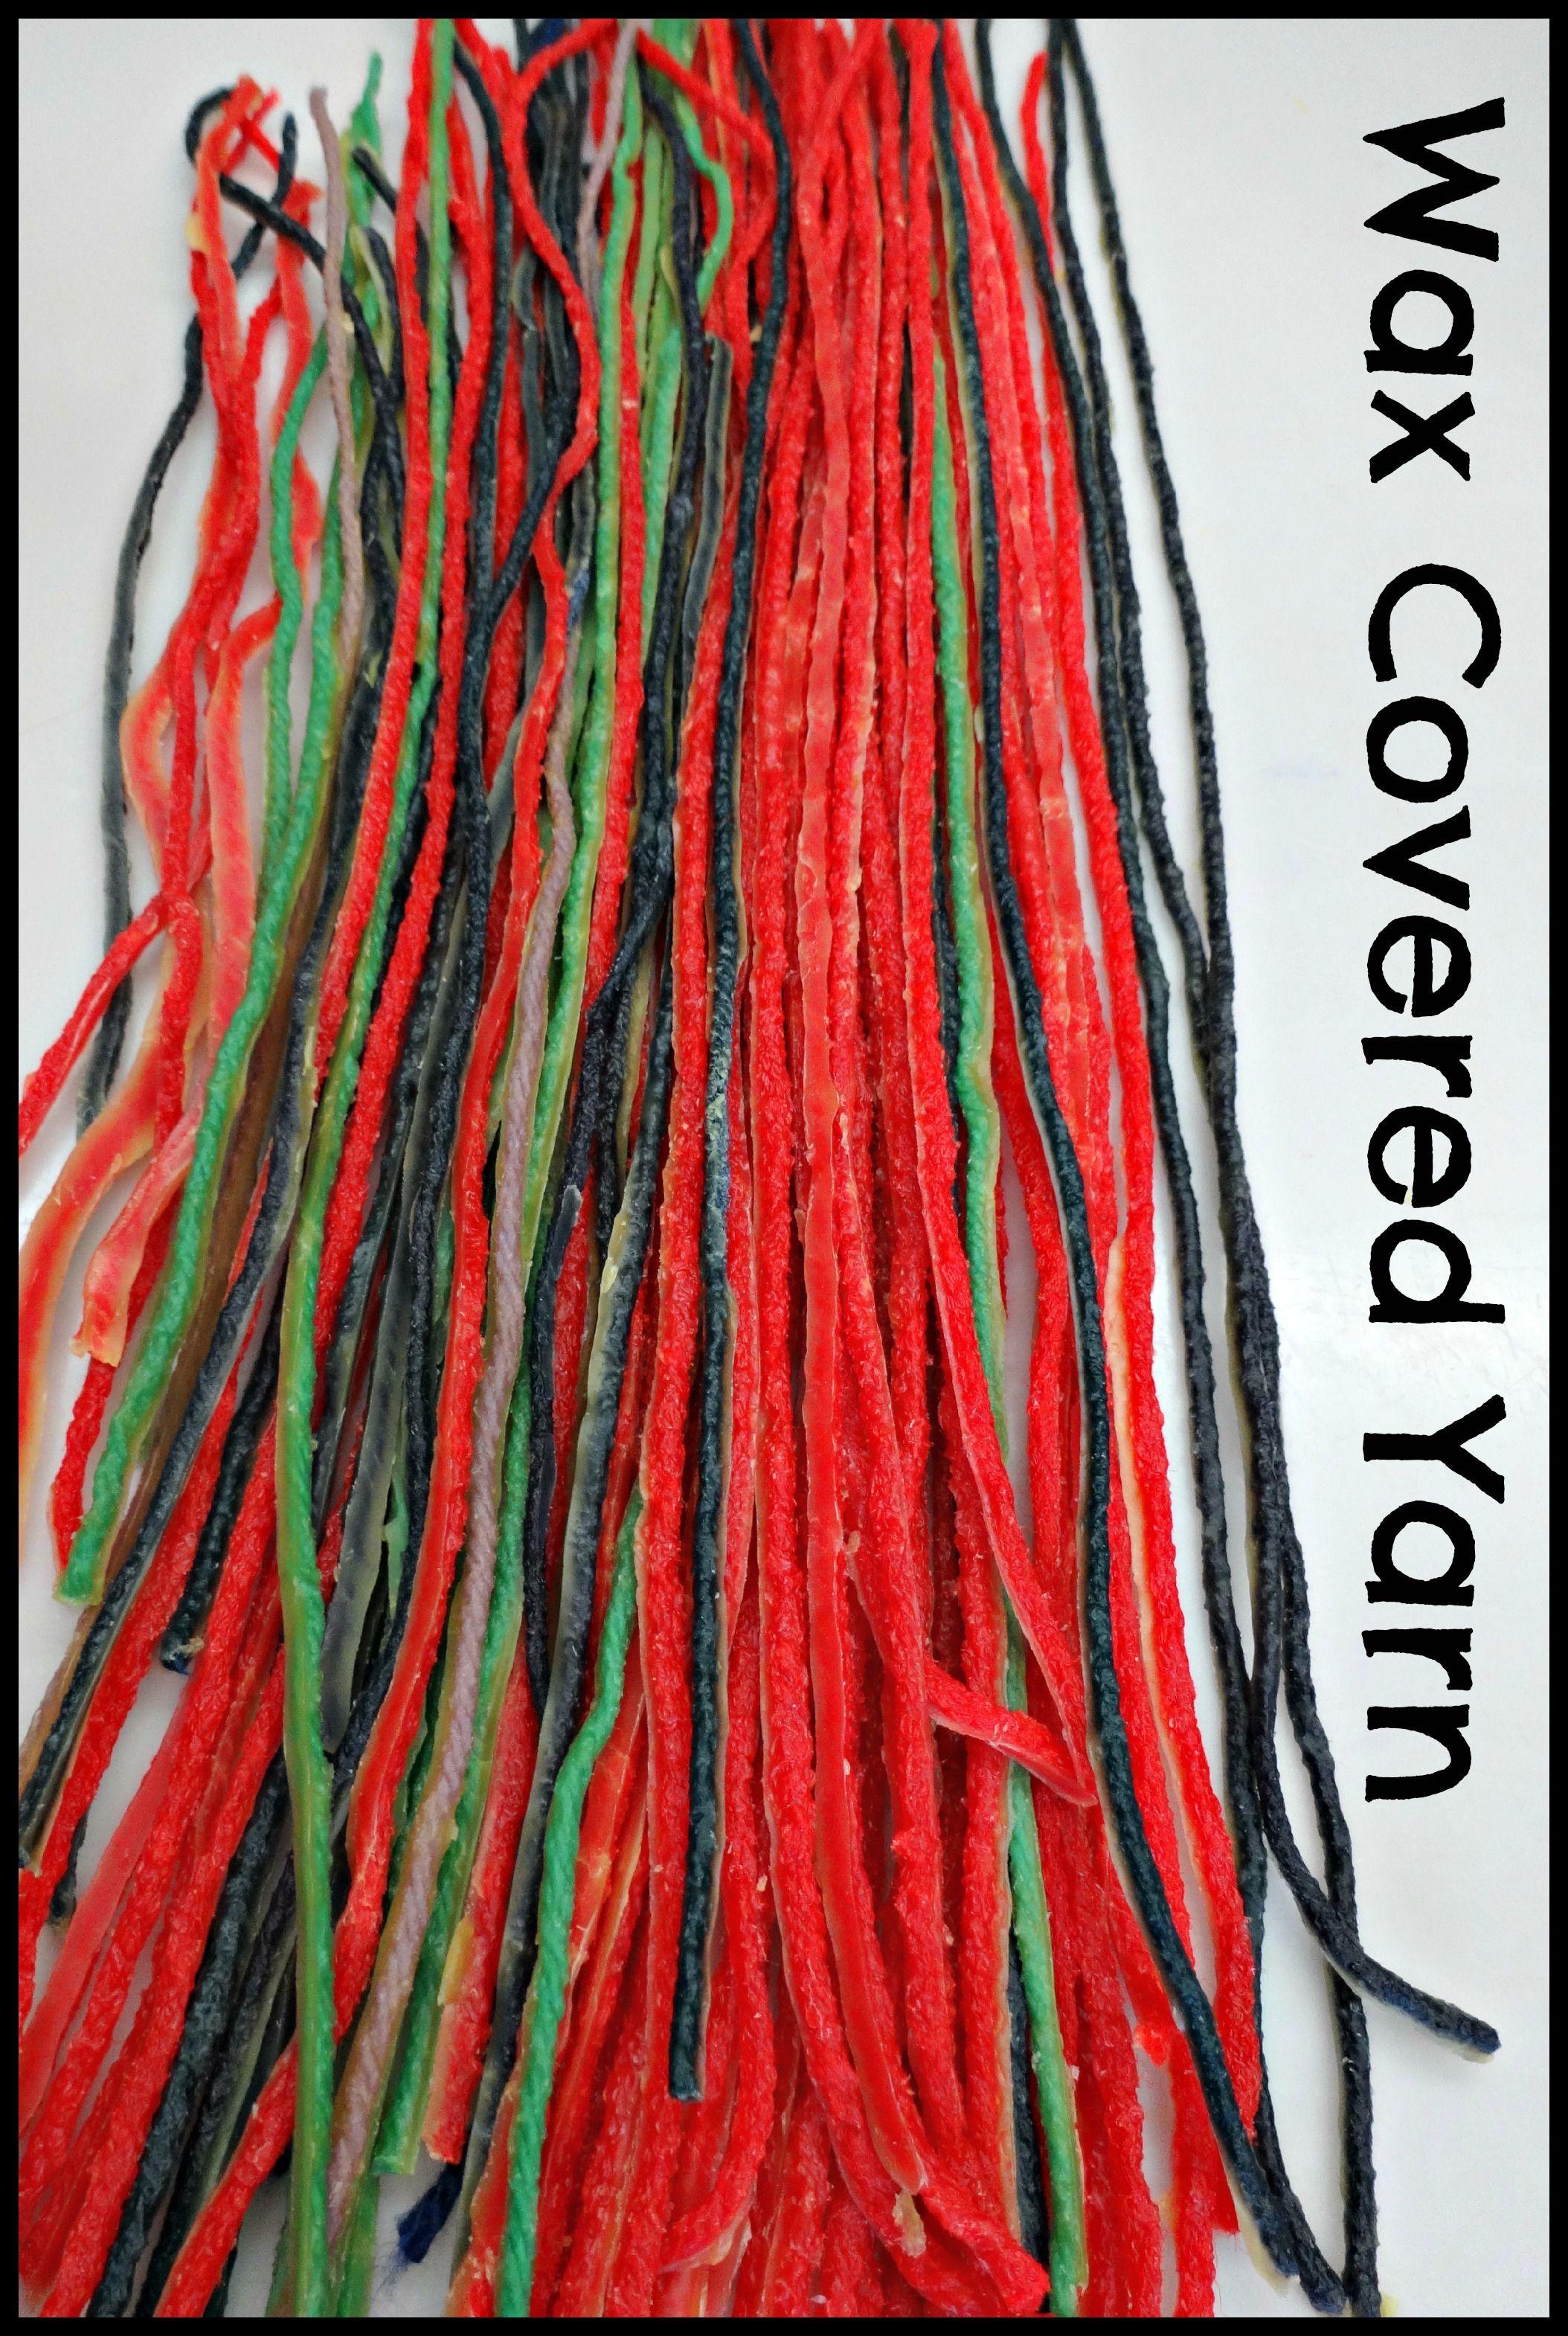 D I Y Wax Covered Yarn Make Take Amp Teach